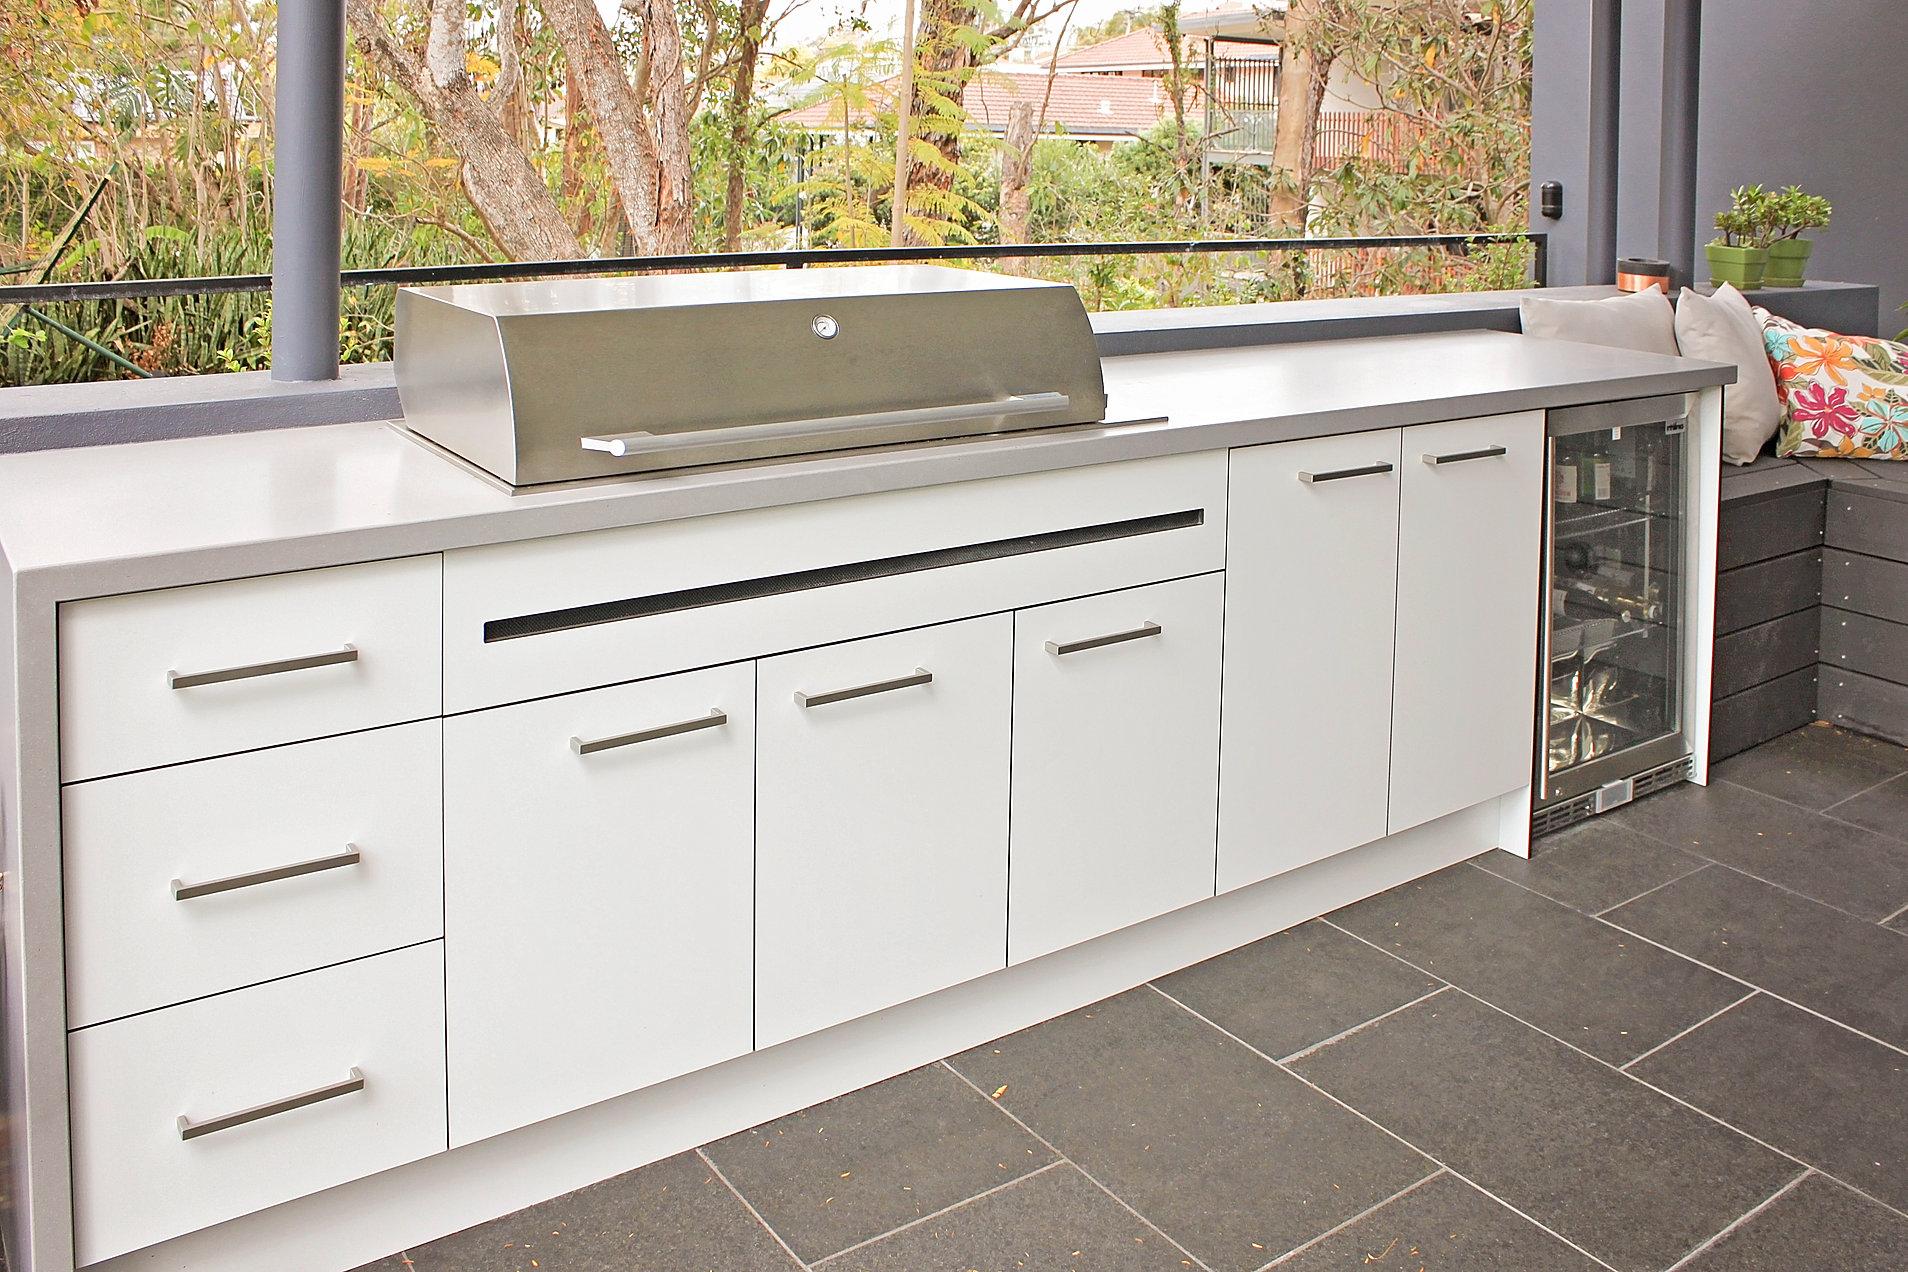 Outdoor Kitchen Cabinets Brisbane Concept Outdoor Kitchens Home Outdoor Kitchens Brisbane